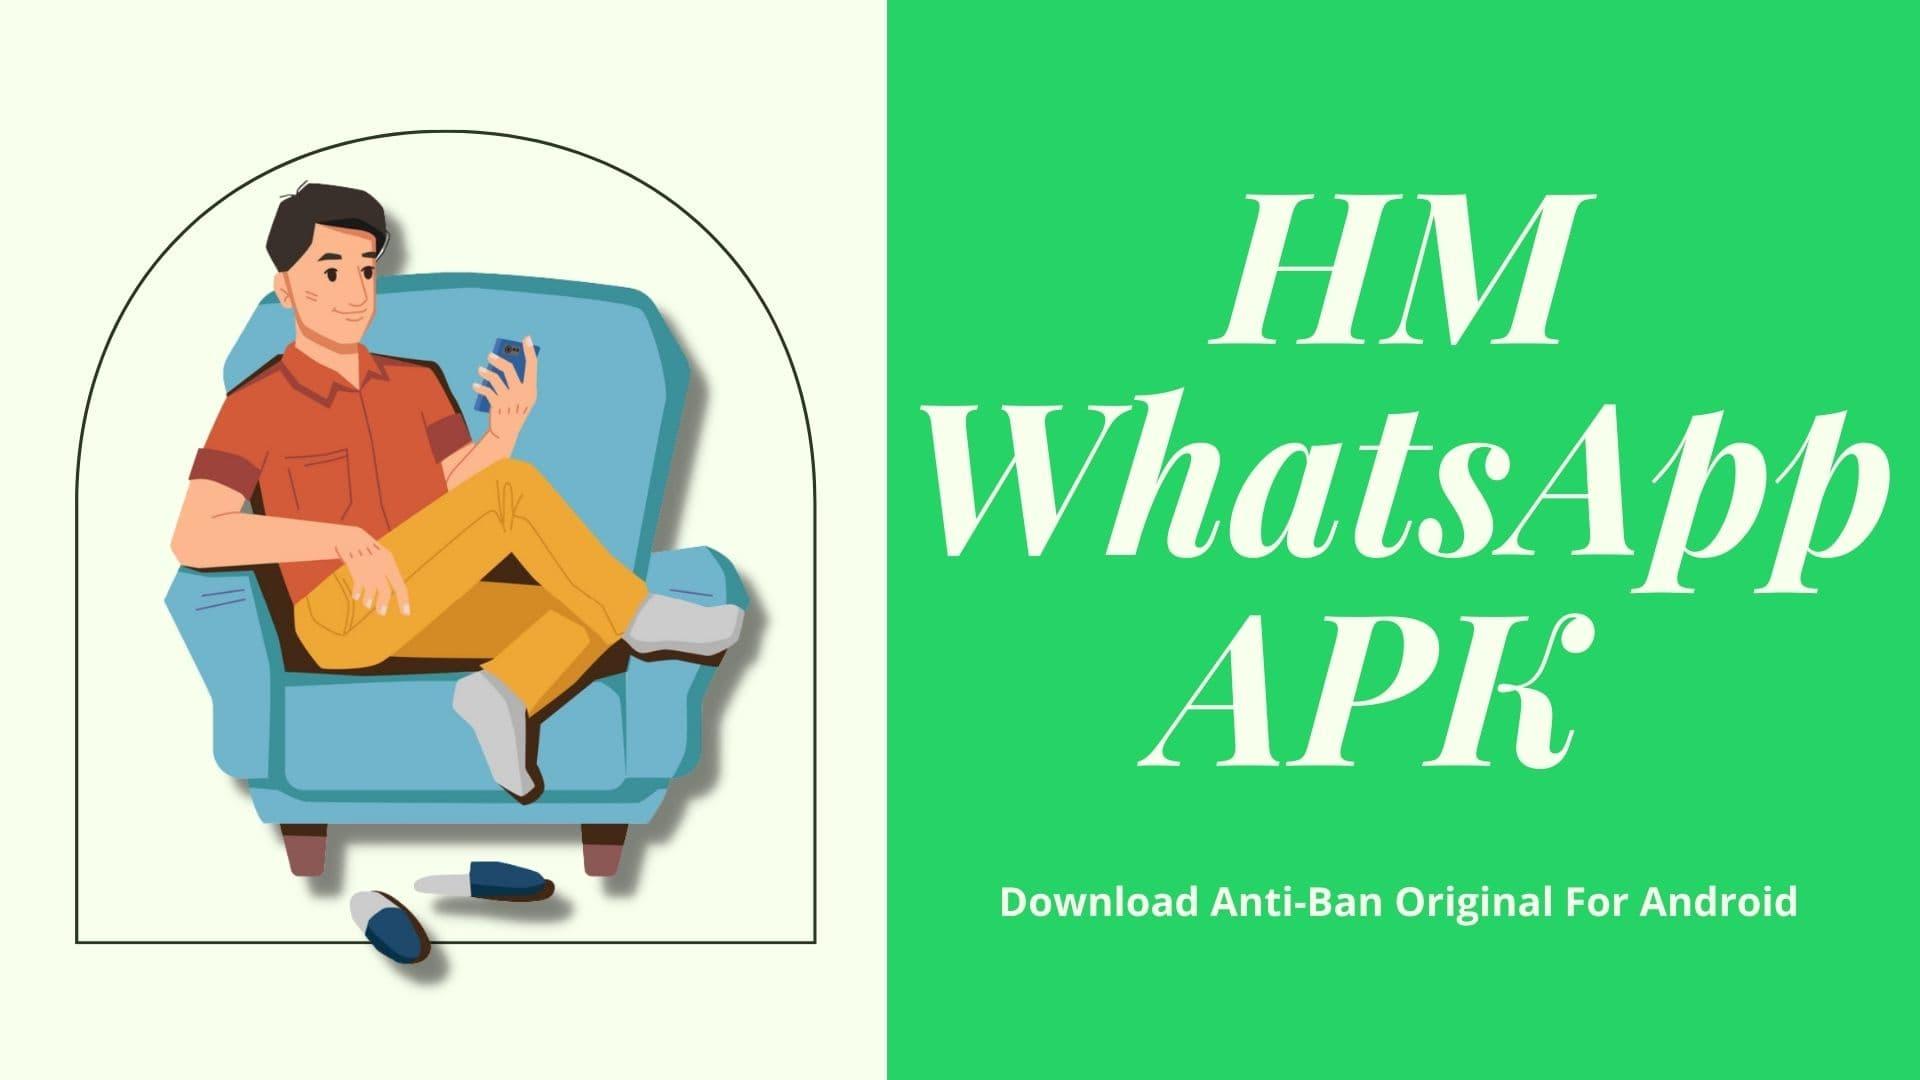 HM WhatsApp APK